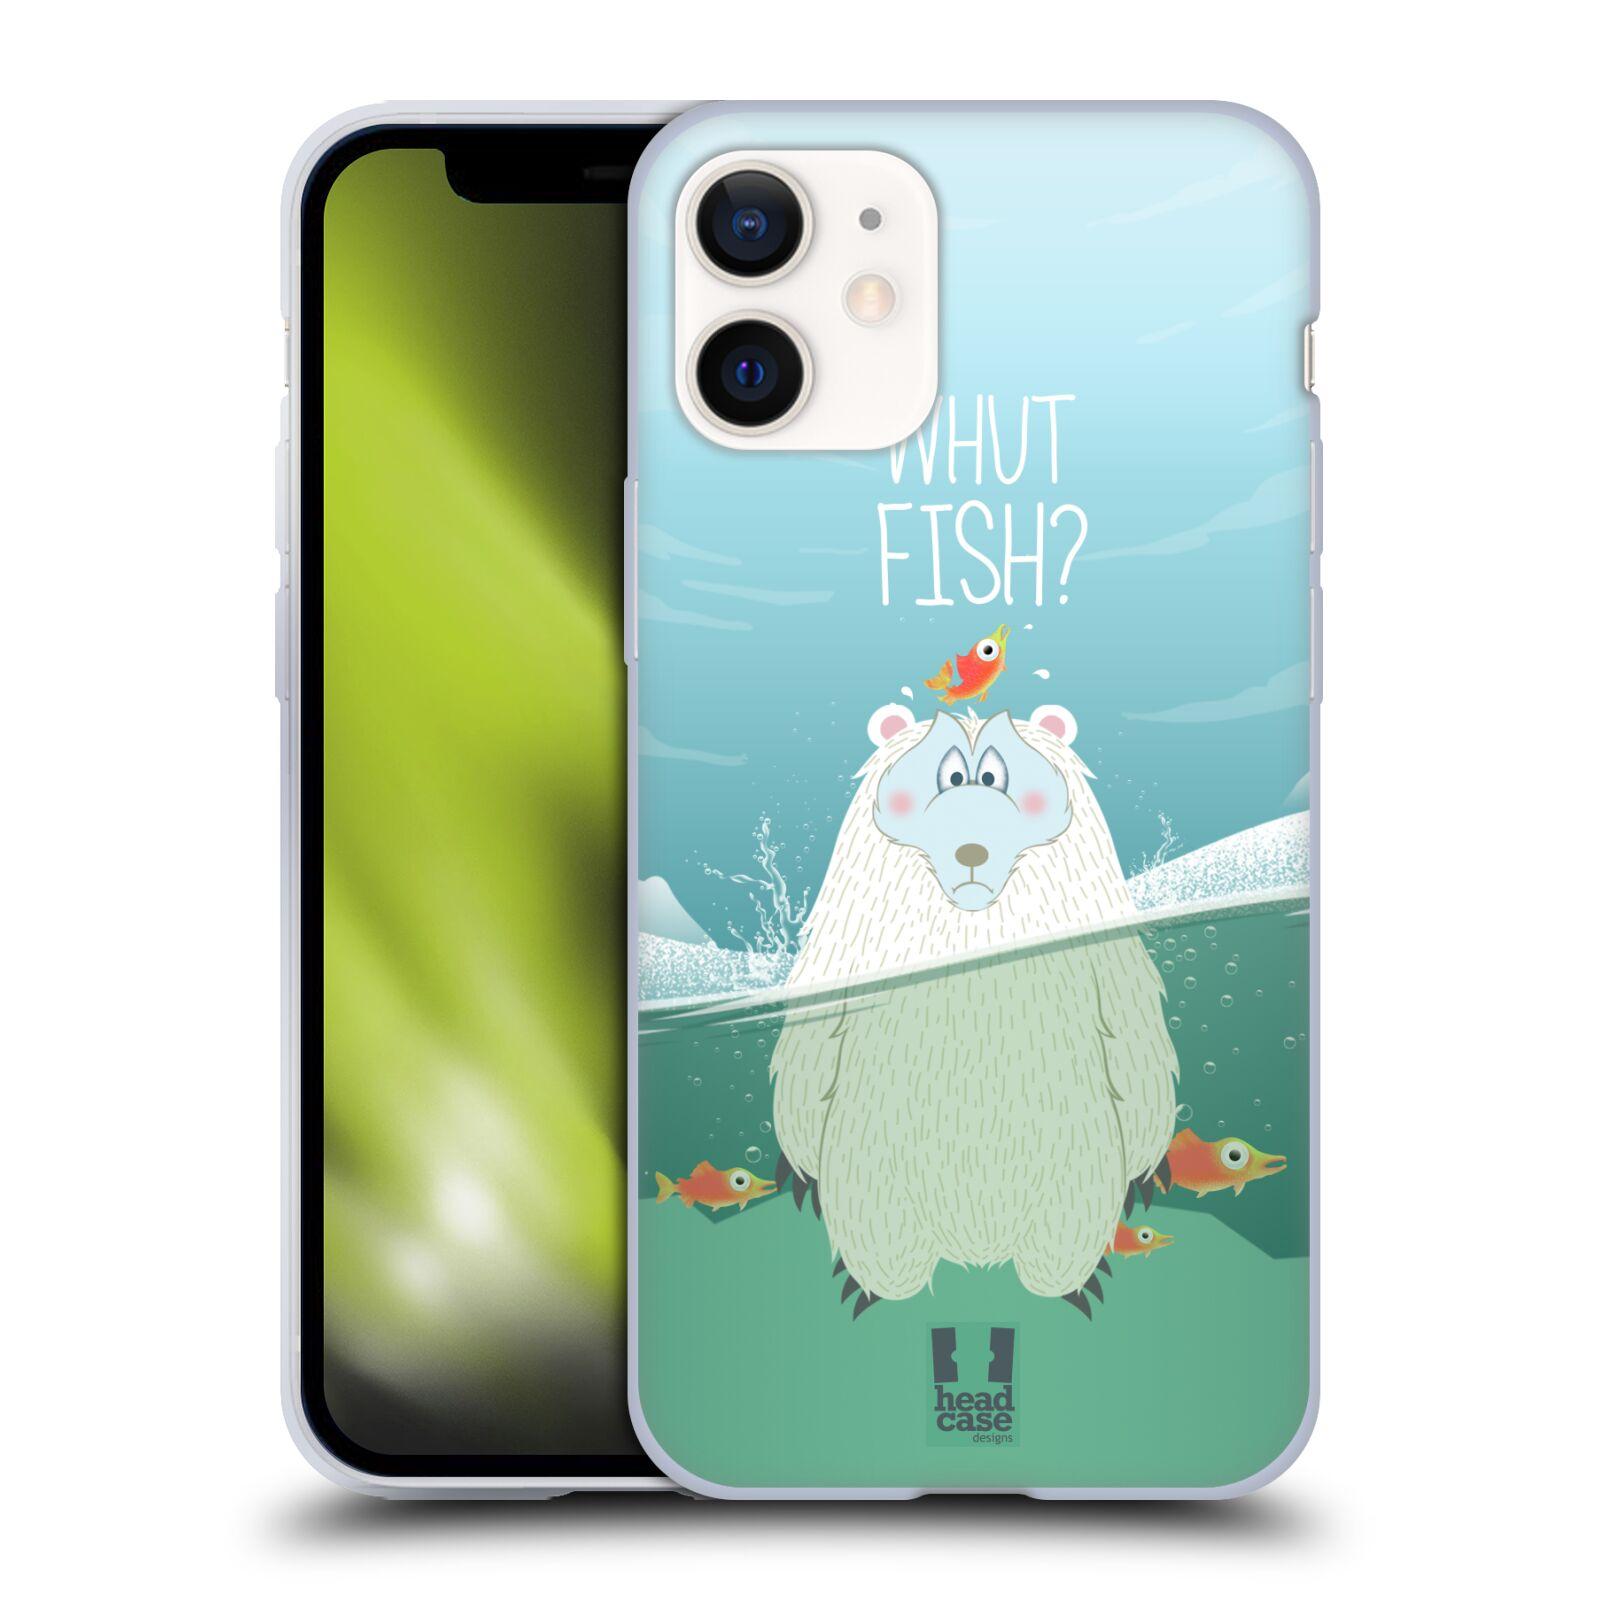 Silikonové pouzdro na mobil Apple iPhone 12 Mini - Head Case - Medvěd Whut Fish?